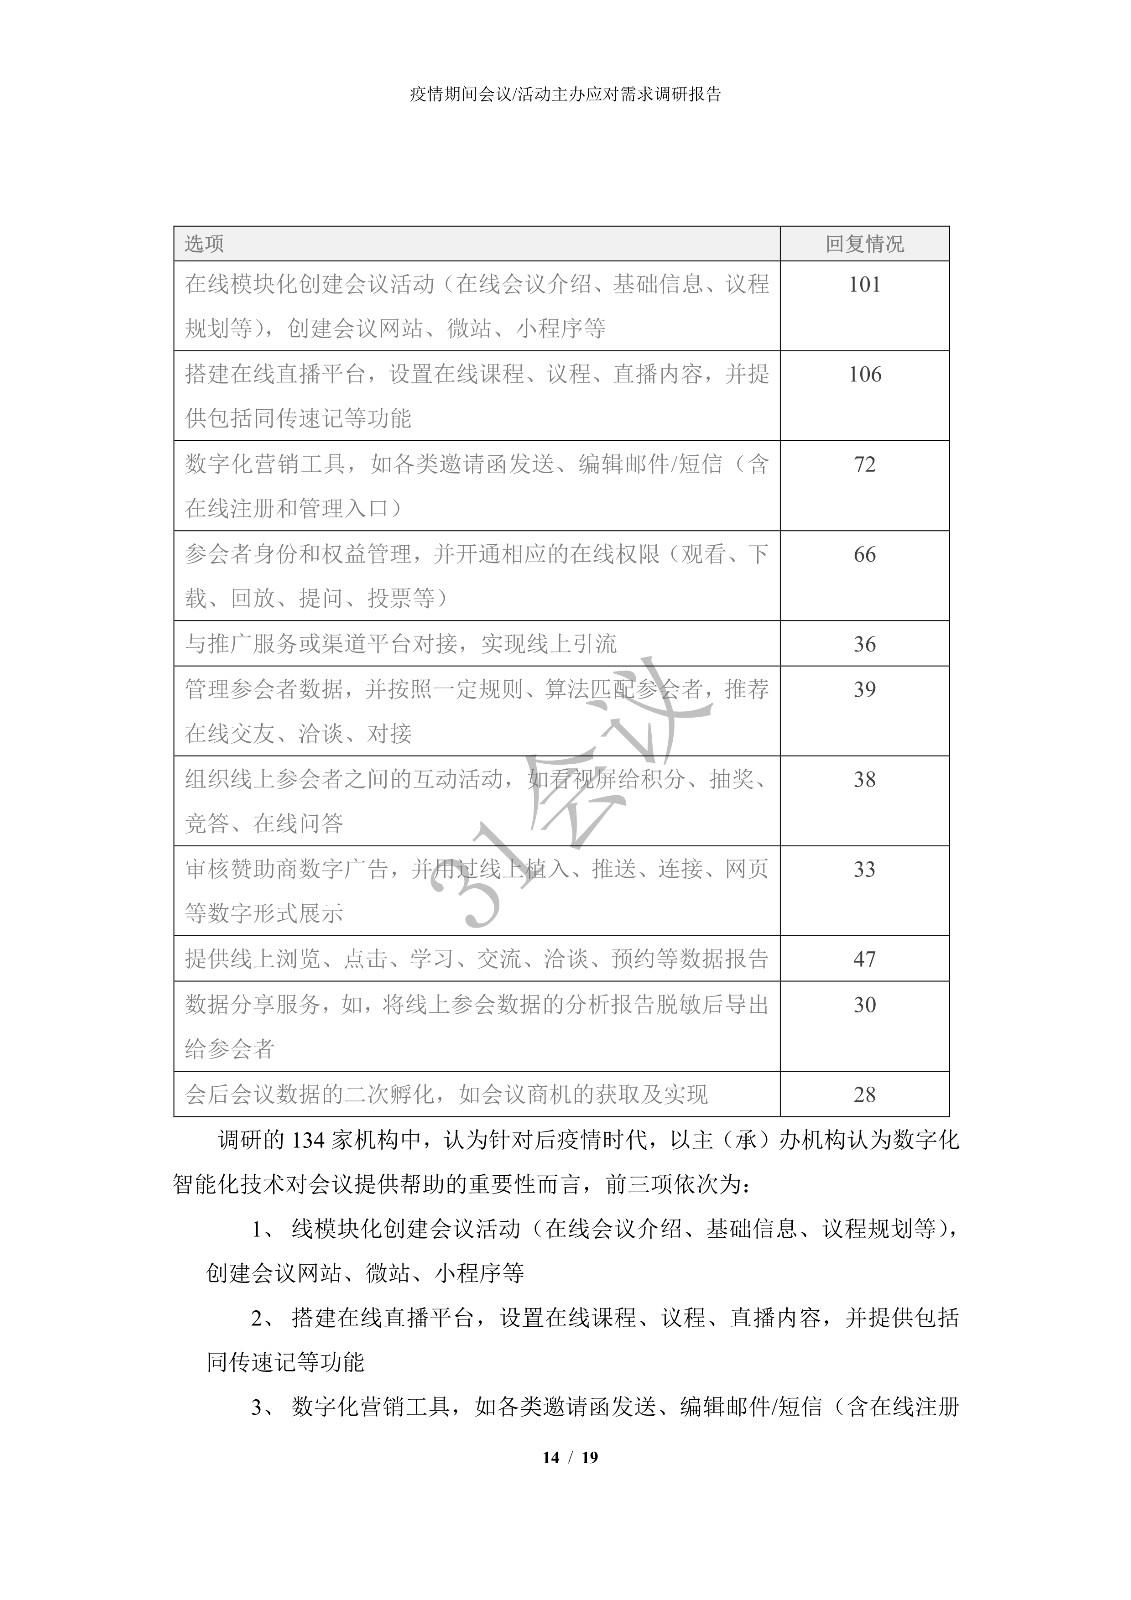 新型冠状病毒肺炎疫情期间 会议活动主办应对需求调研报告_13.jpg